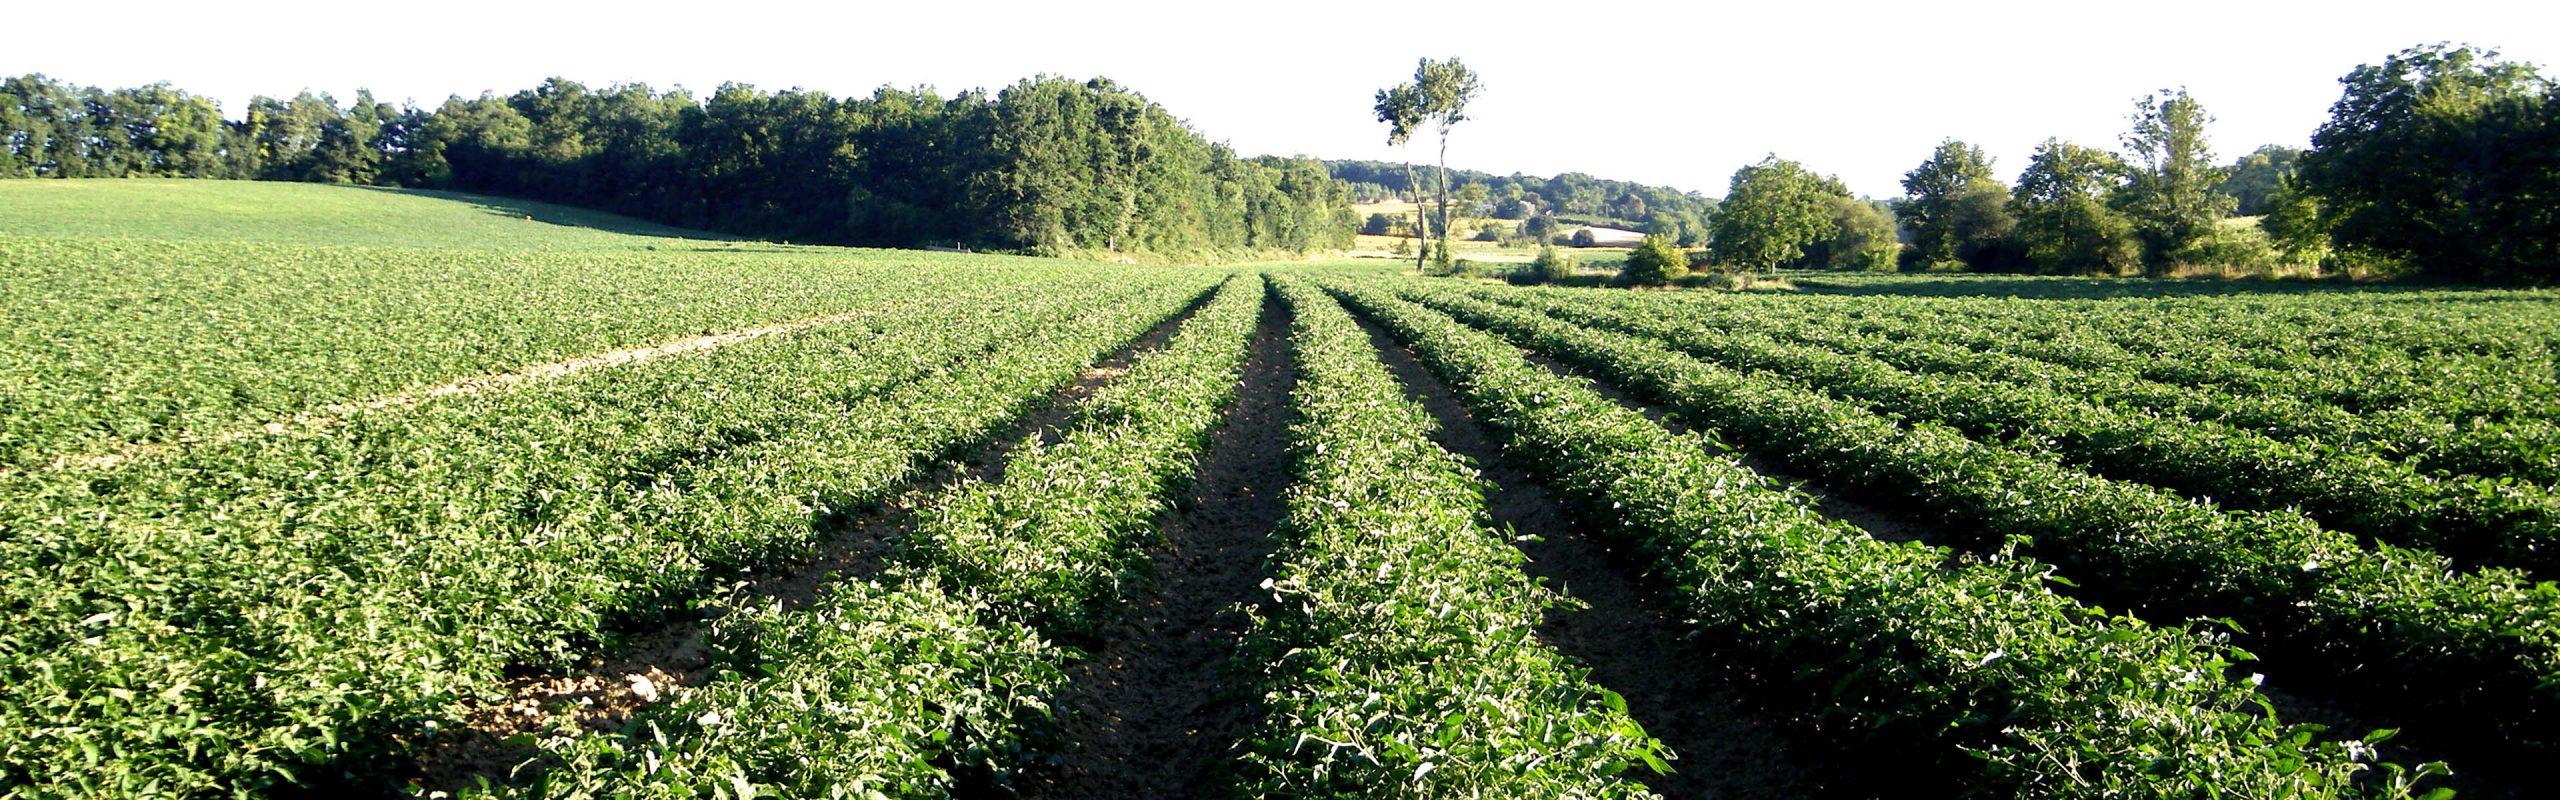 Production de tomates industrielles, terres du sud